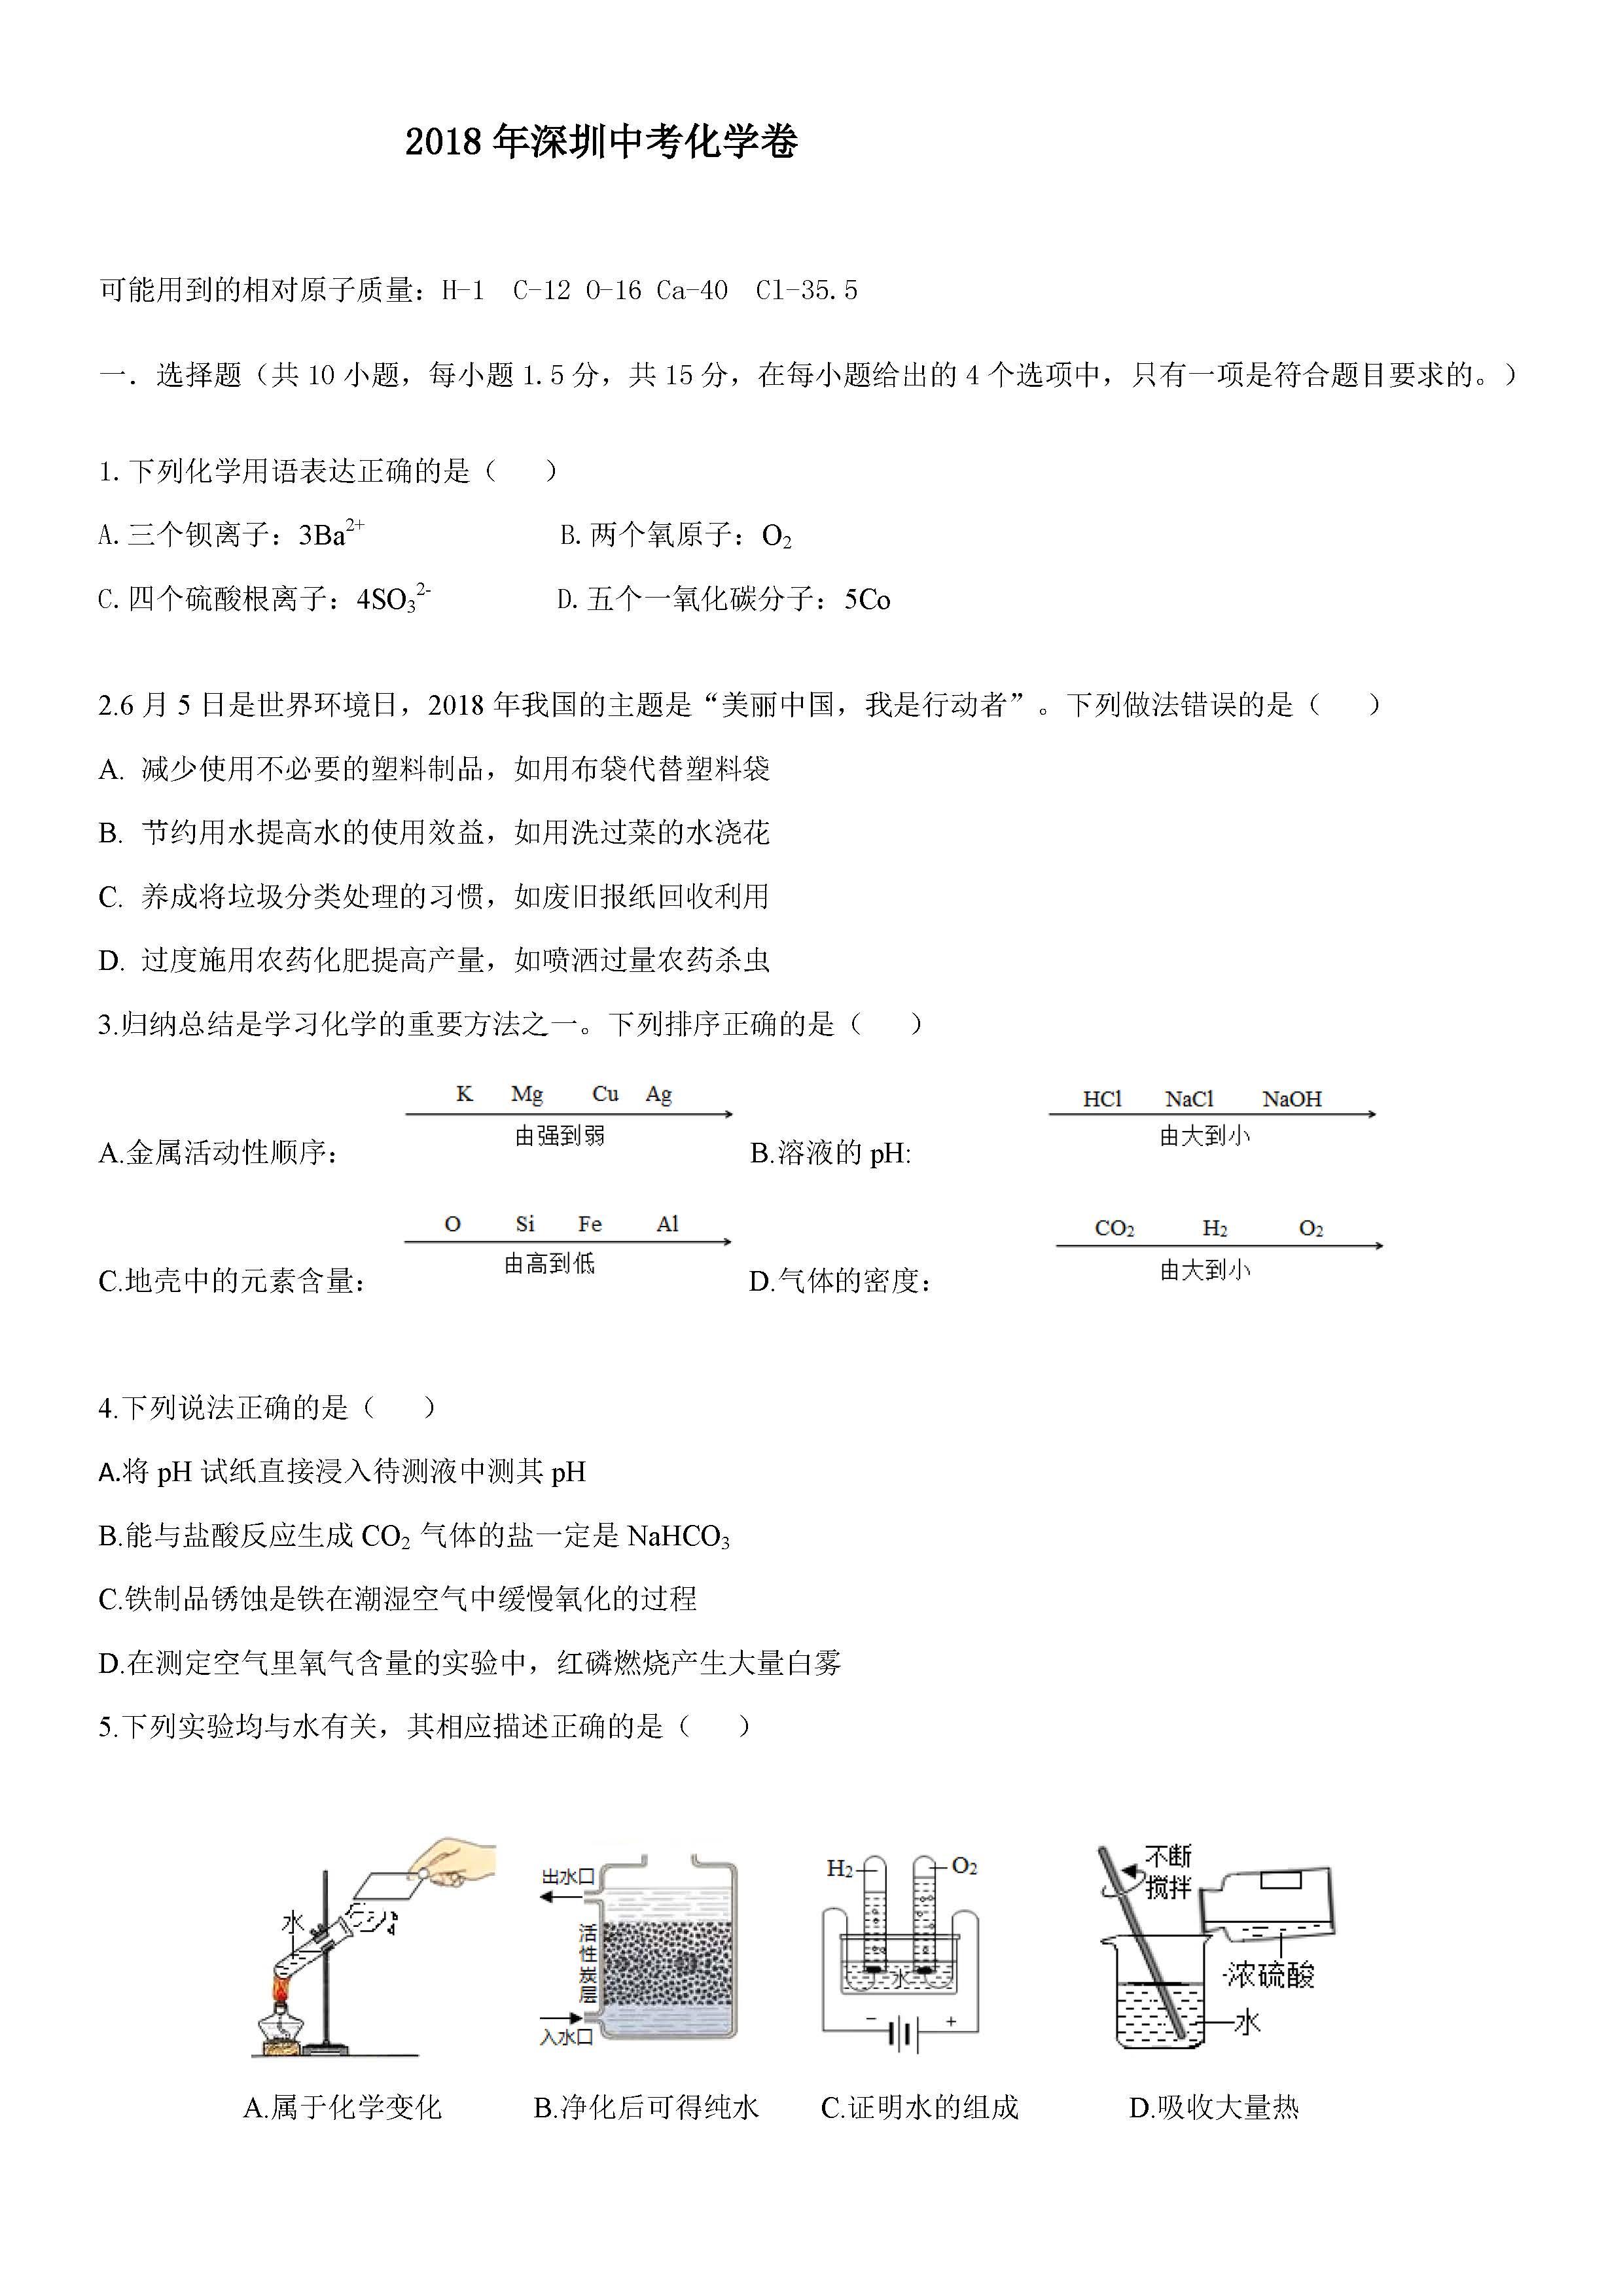 2018深圳中考化学试题及答案解析(图片版含答案)